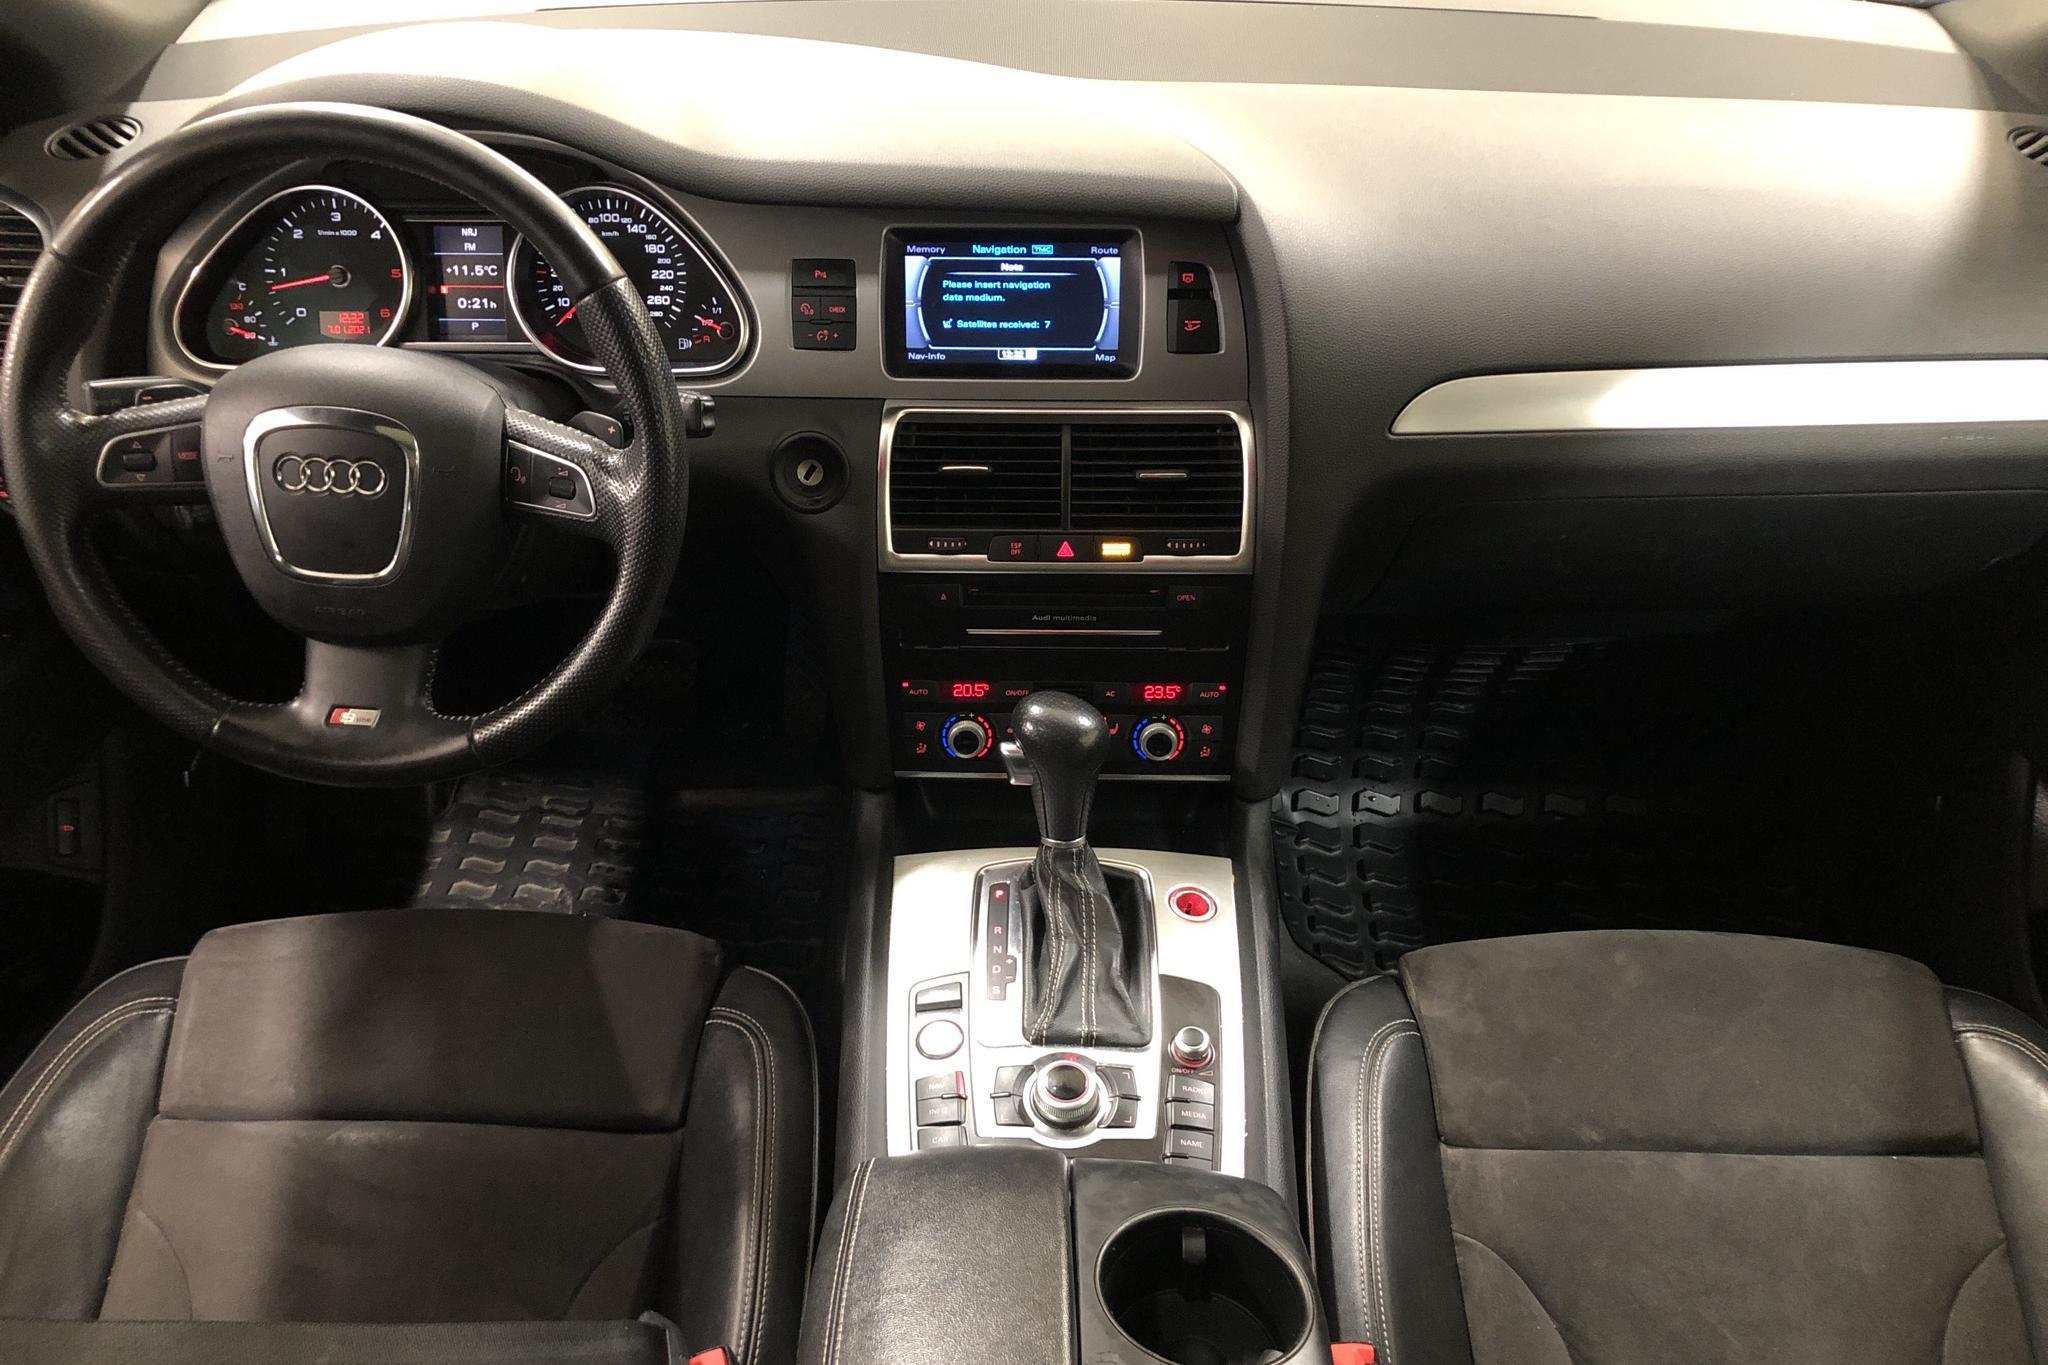 Audi Q7 4.2 TDI quattro (340hk) - 20 879 mil - Automat - svart - 2010